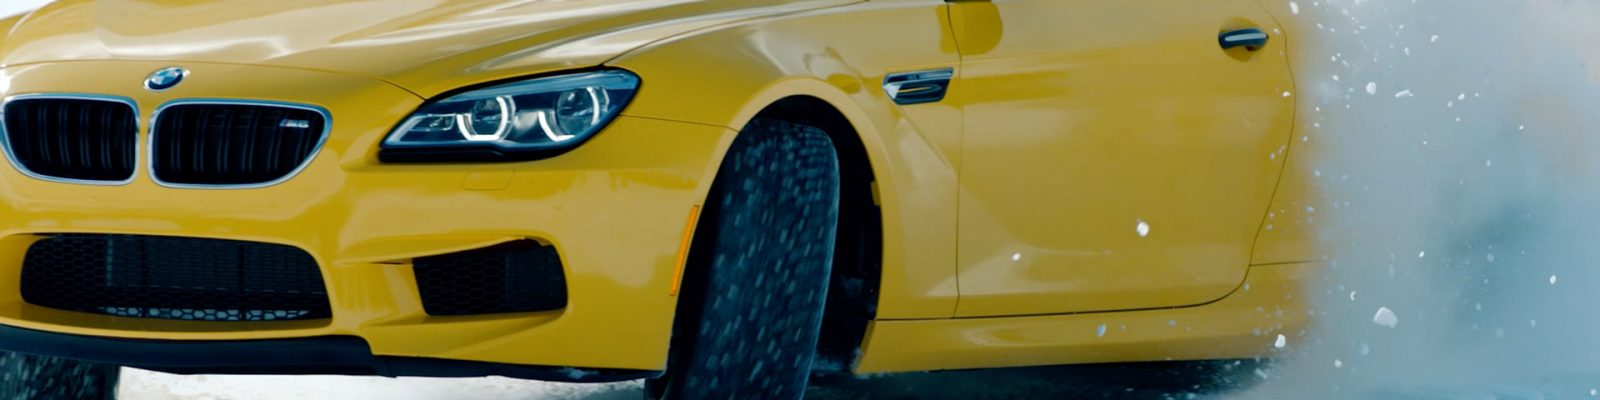 PZ Tundra Ποδαρικό με το δεξί ...πεντάλ! BMW, BMW M, BMW M6, Car sound, Engine, Fun, Joyride, Pennzoil, Roads, videos, zblog